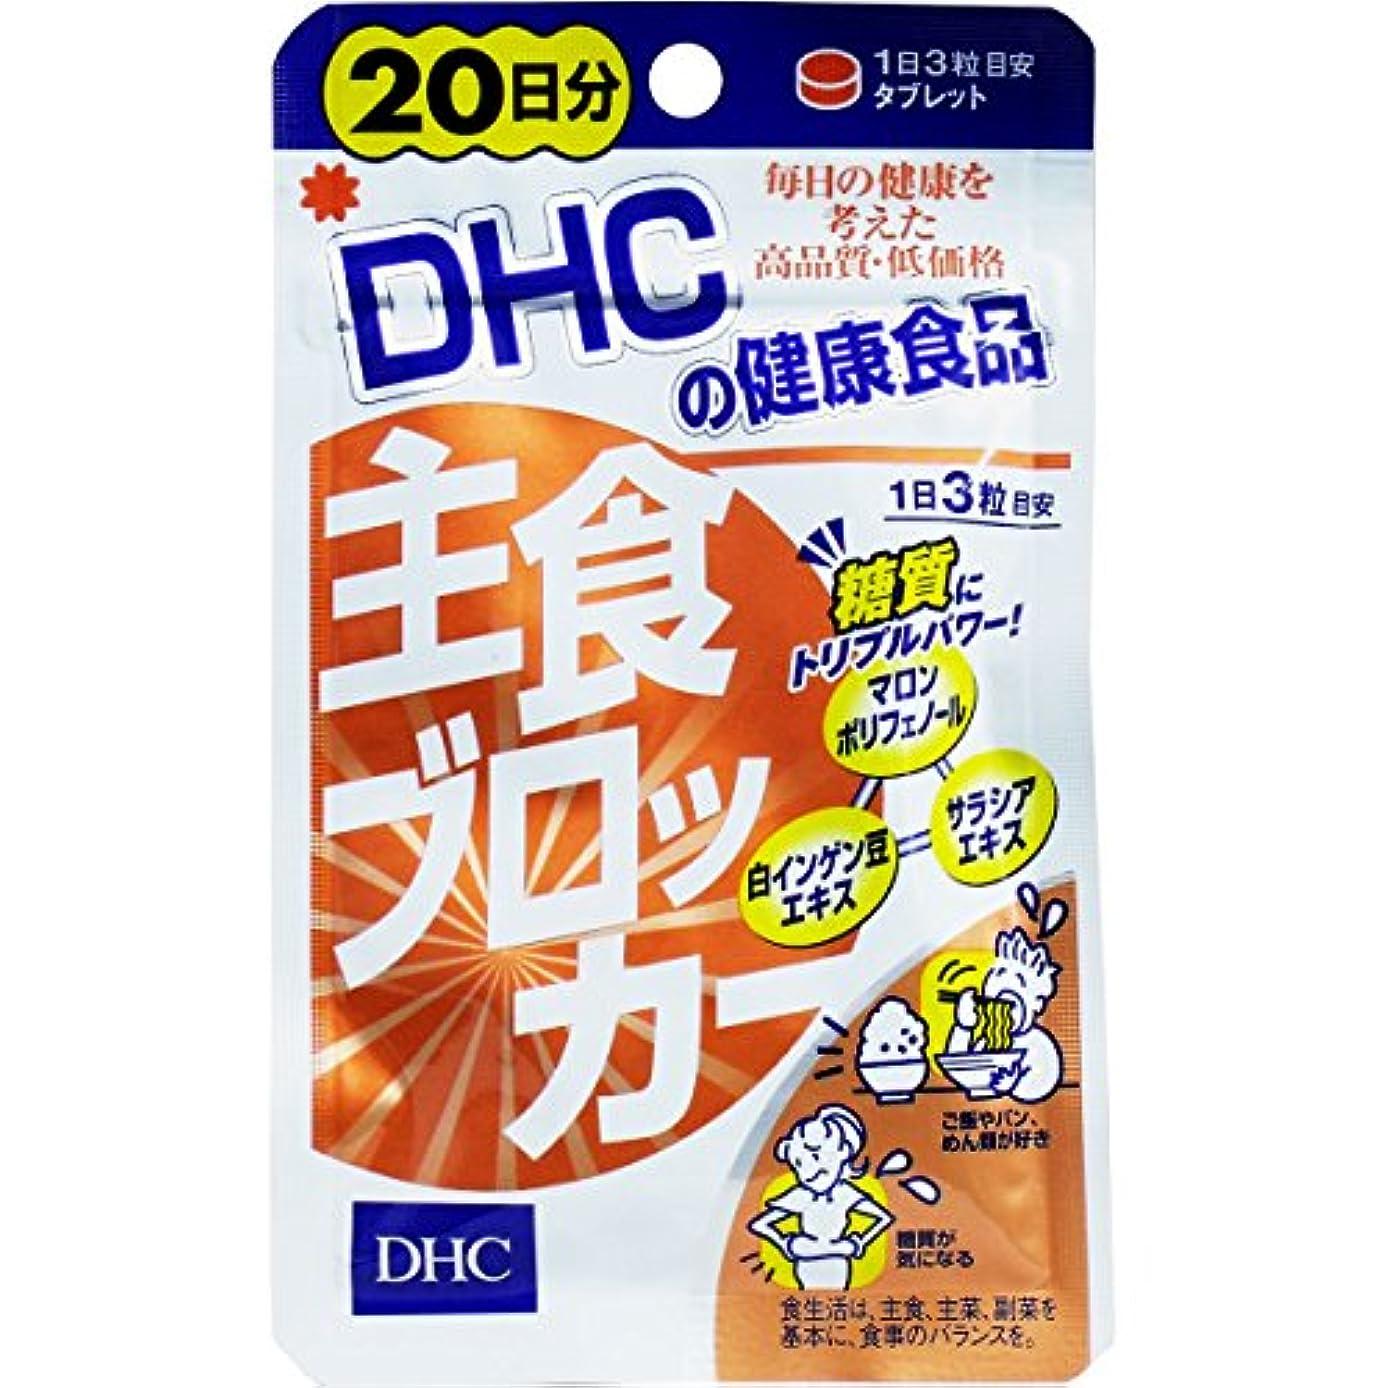 アルカイック慰めマークダウンダイエット トリプルパワーでため込み対策 栄養機能食品 DHC 主食ブロッカー 20日分 60粒入【2個セット】